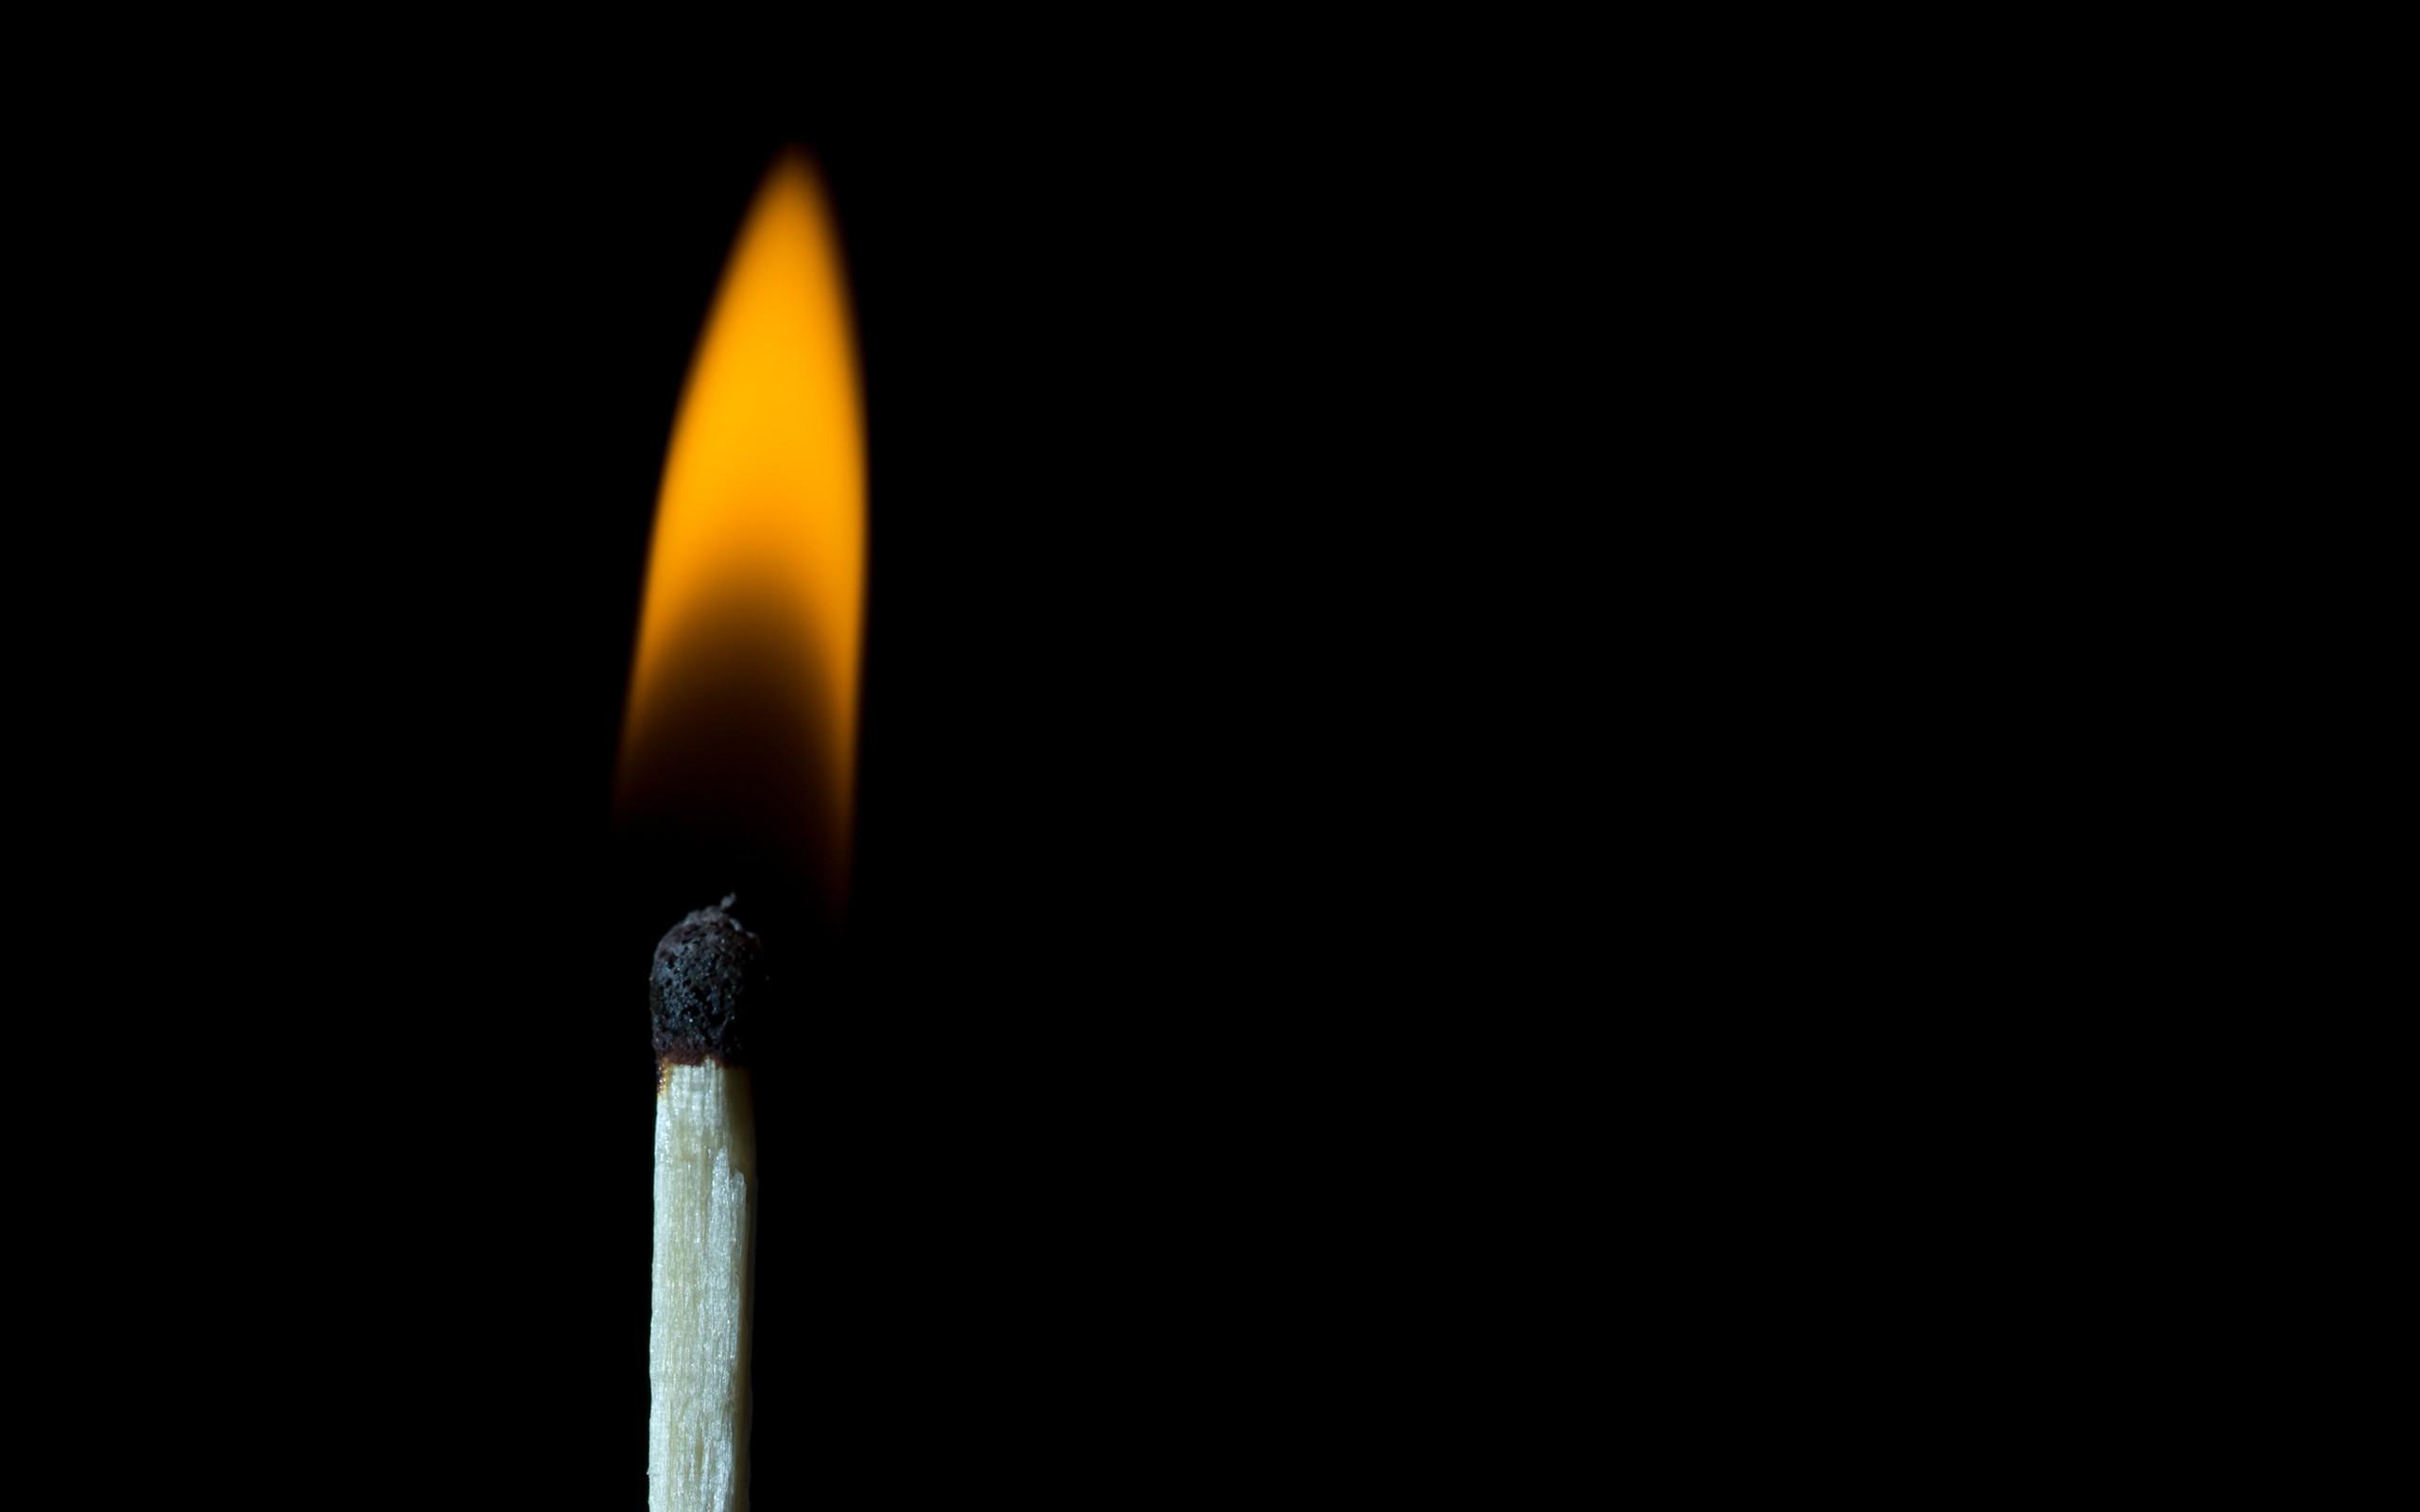 Fire Black Background Wallpaper 2560x1600 62852 Wallpaperup